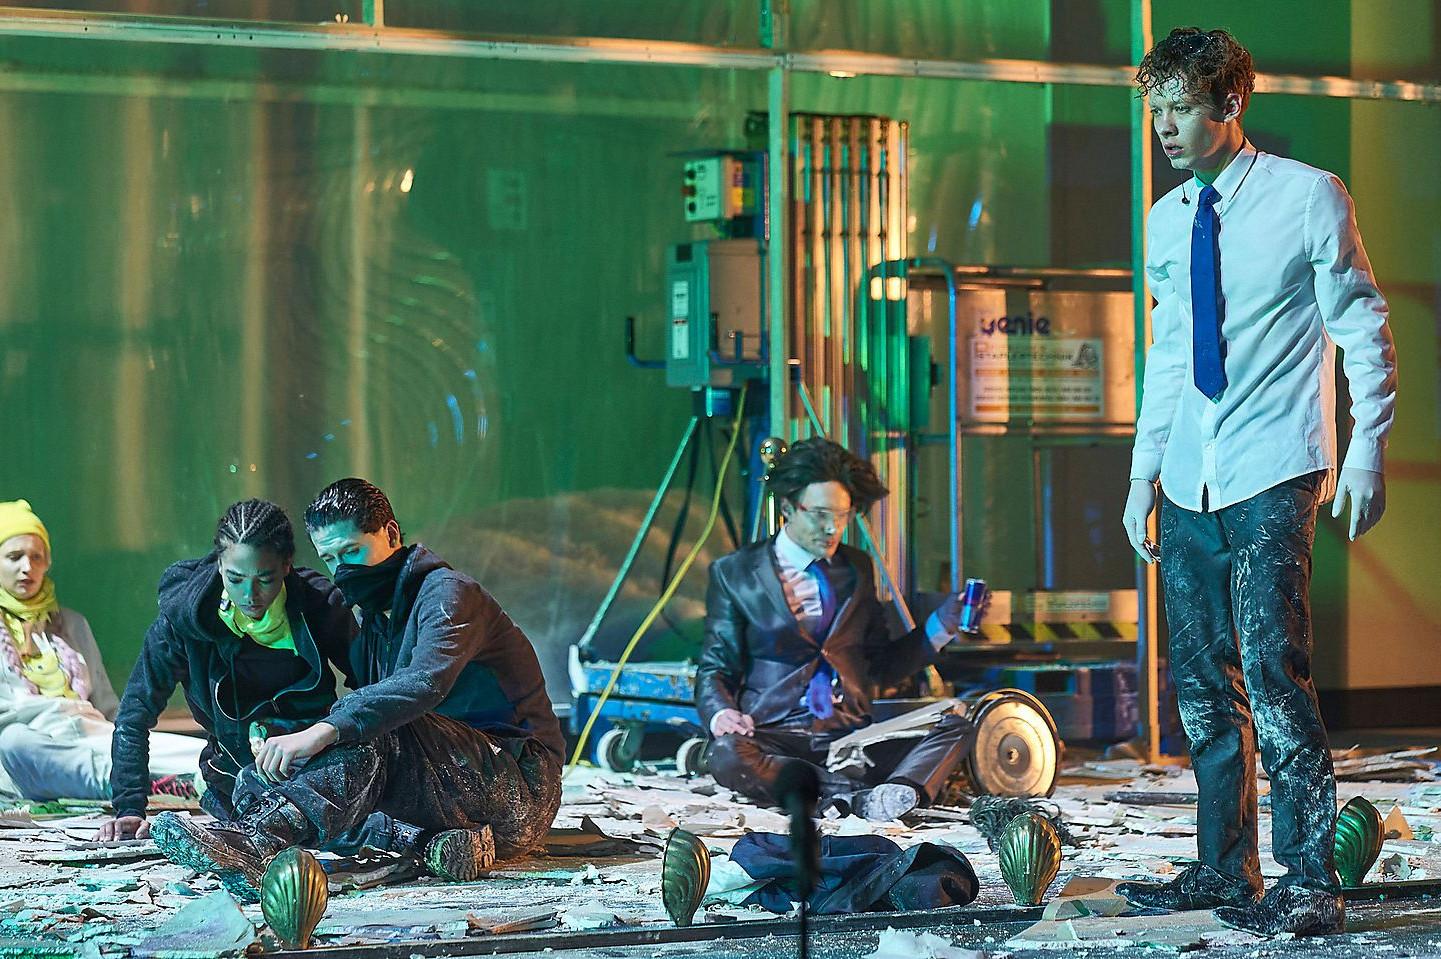 """Детаљ из представе """"Црна вода"""" у ком су приказани глумци Феликс Камерер и Кристоф Лузер који глуме Себастијана Курца (Фото: Burgtheater/Matthias Horn)"""